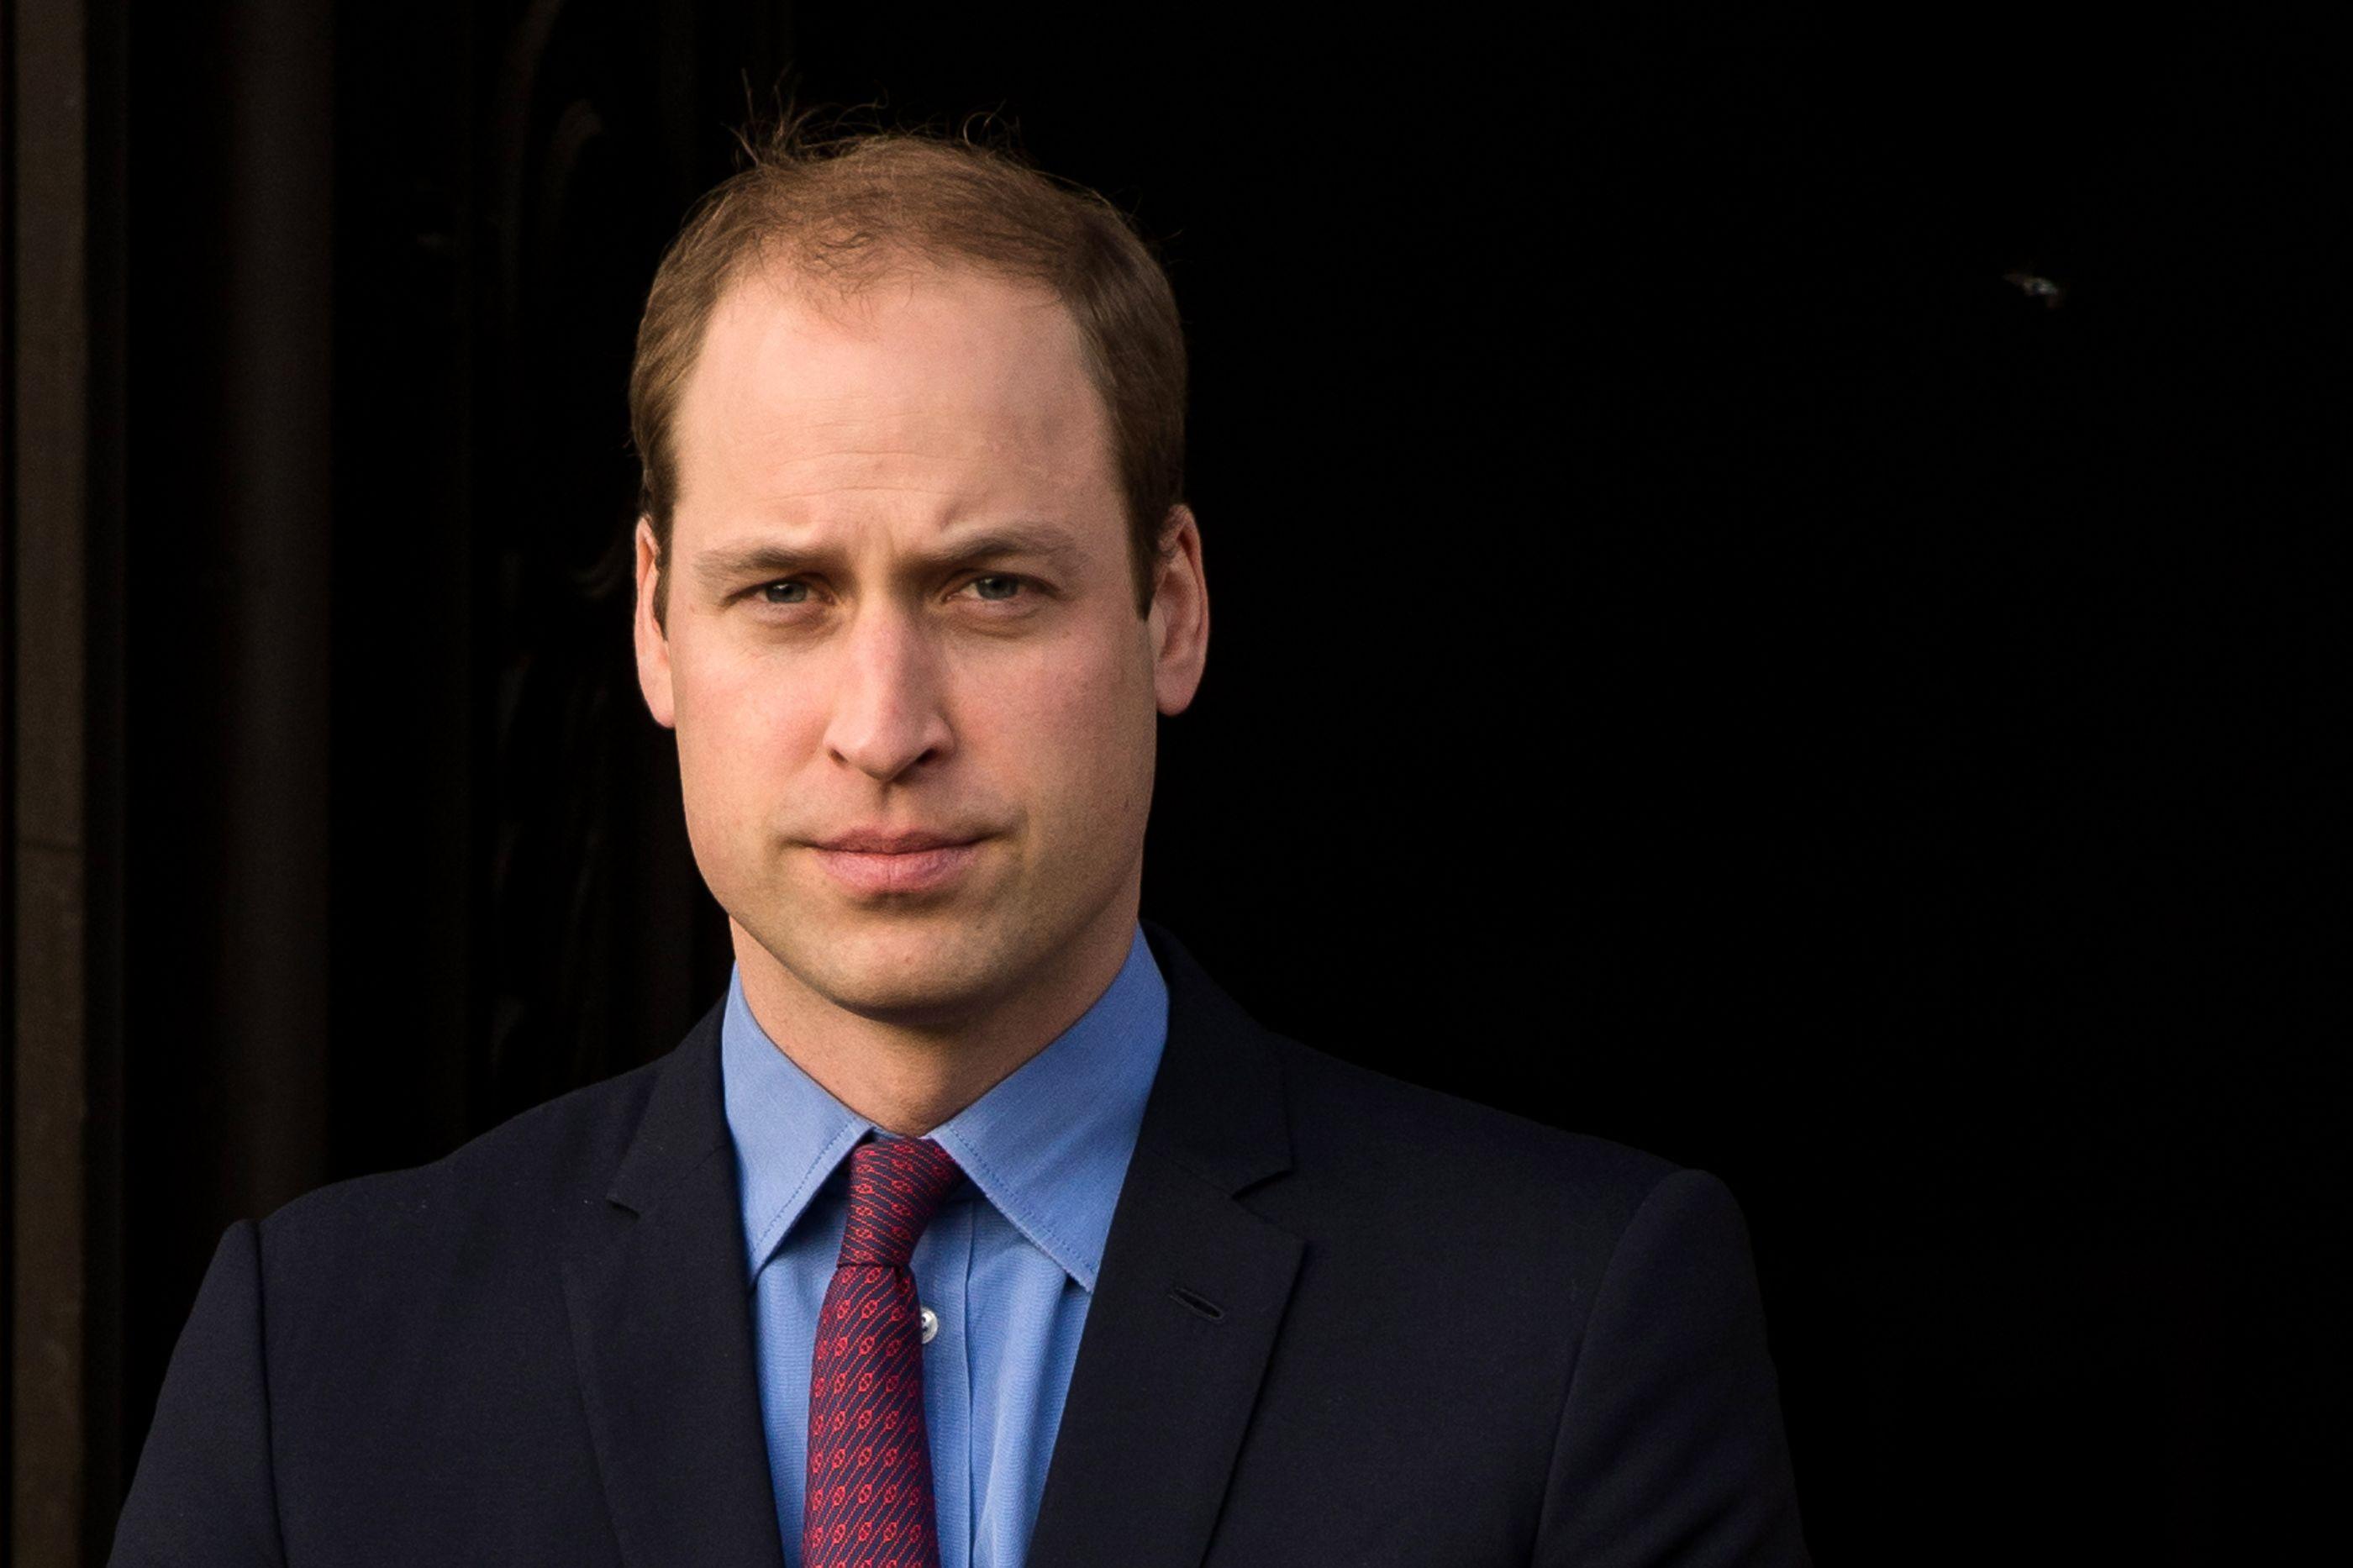 """Príncipe William: """"Sinto saudades da minha mãe todos os dias"""""""